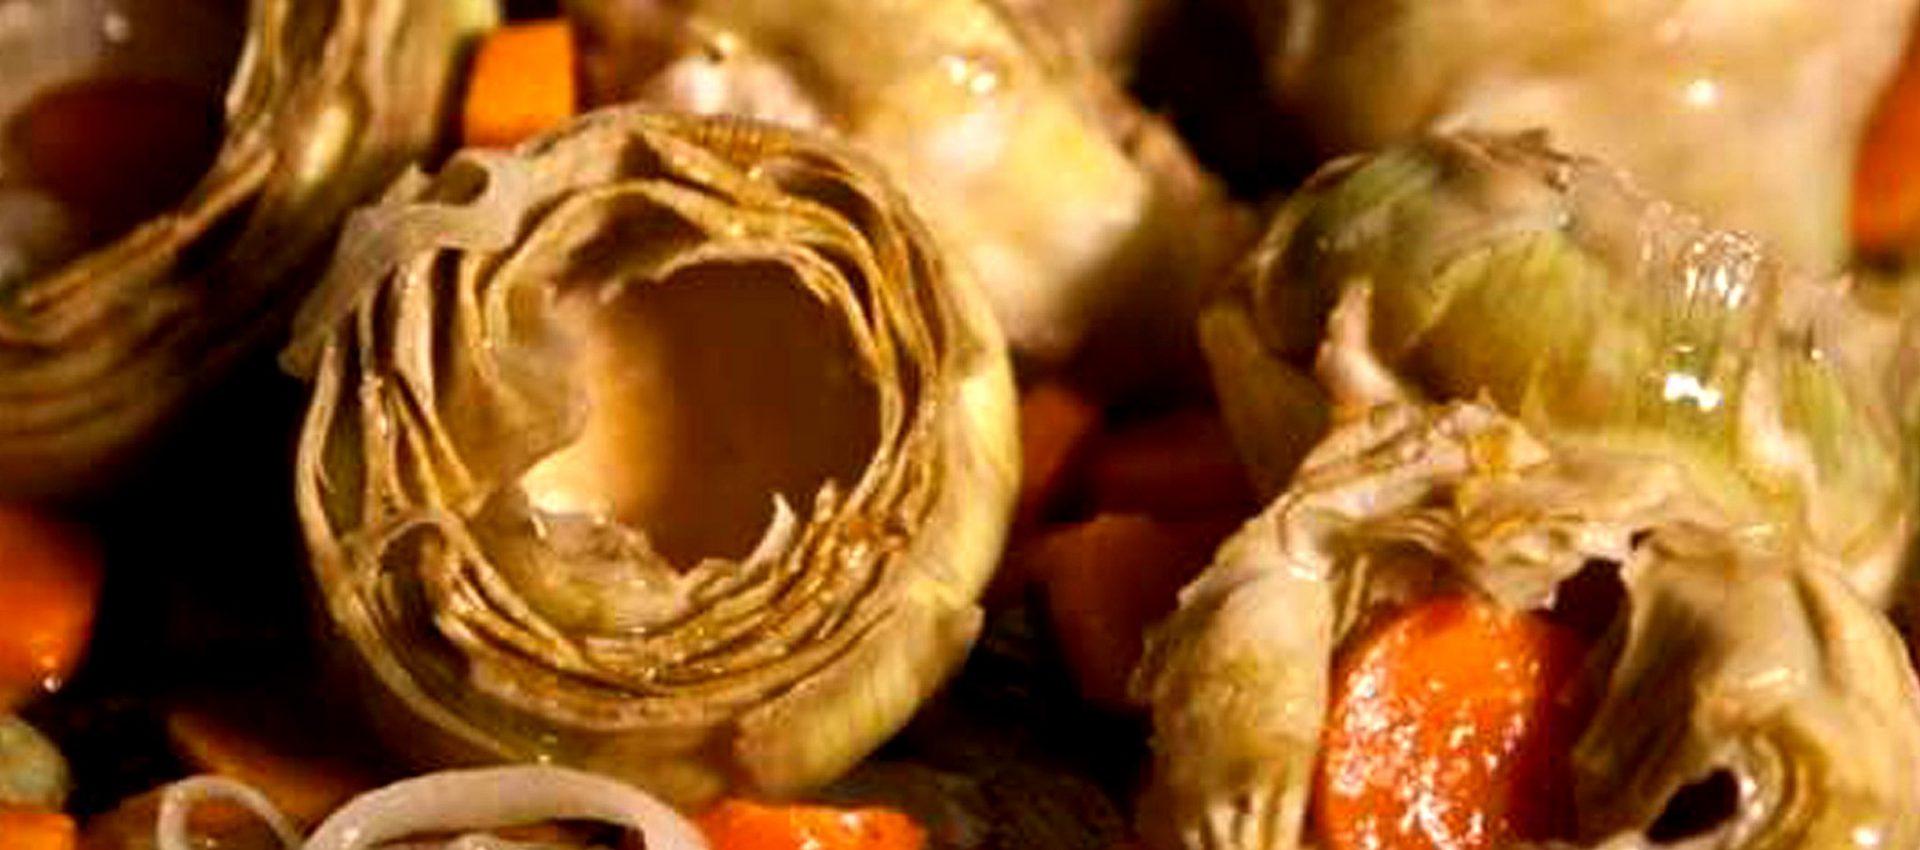 Artichauts en barigoule au cookeo